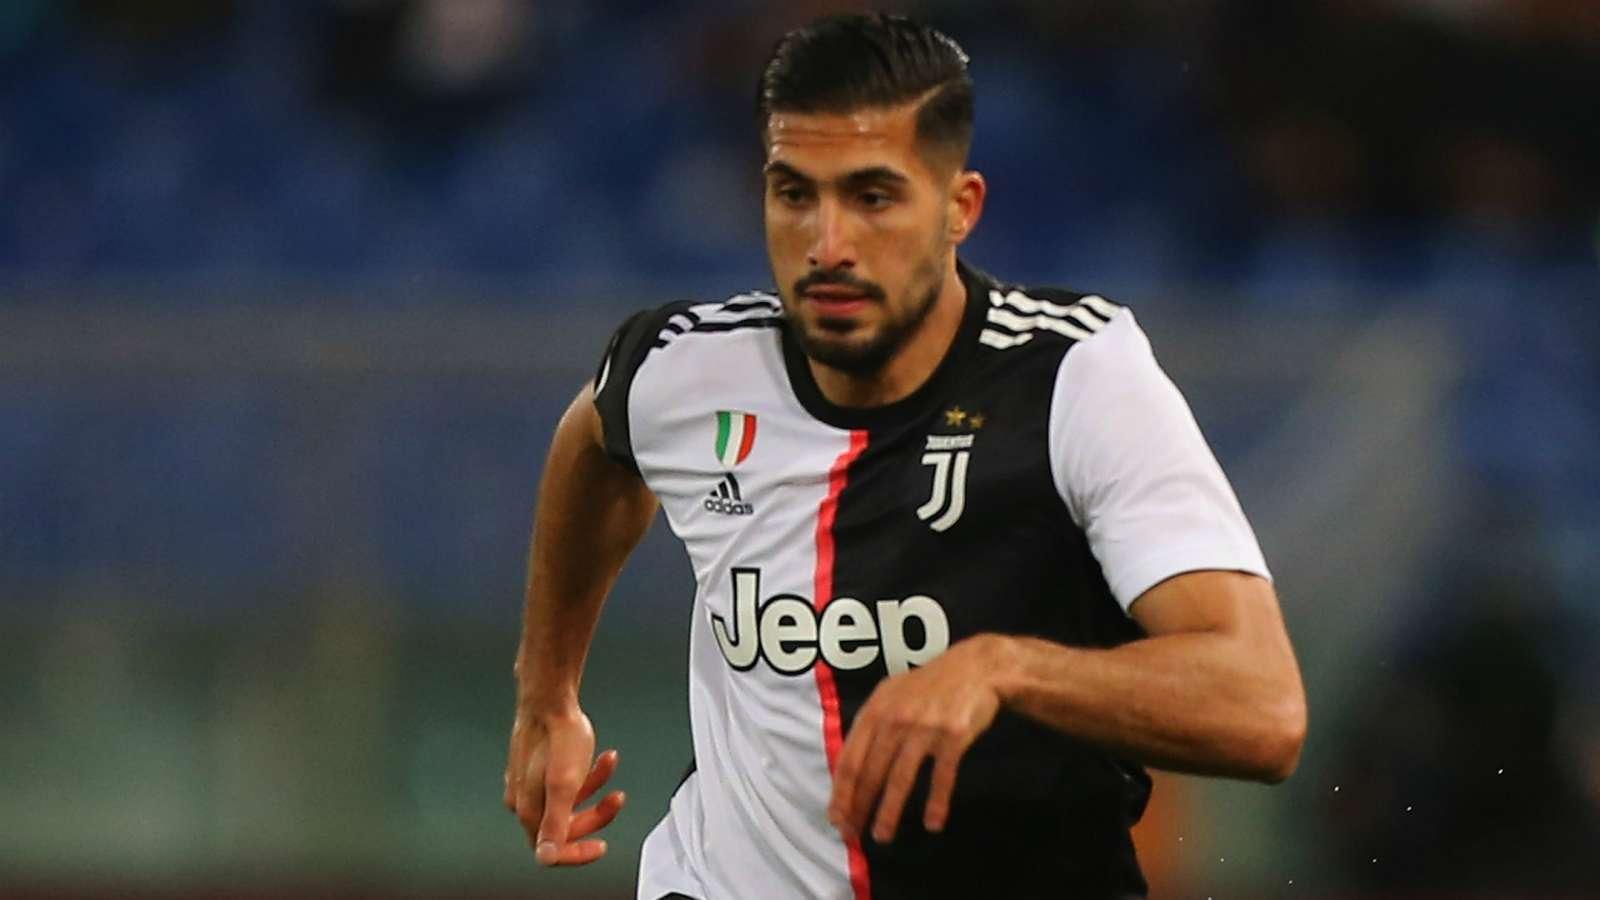 Emre Can roi Juventus nhung khong cap ben MU?